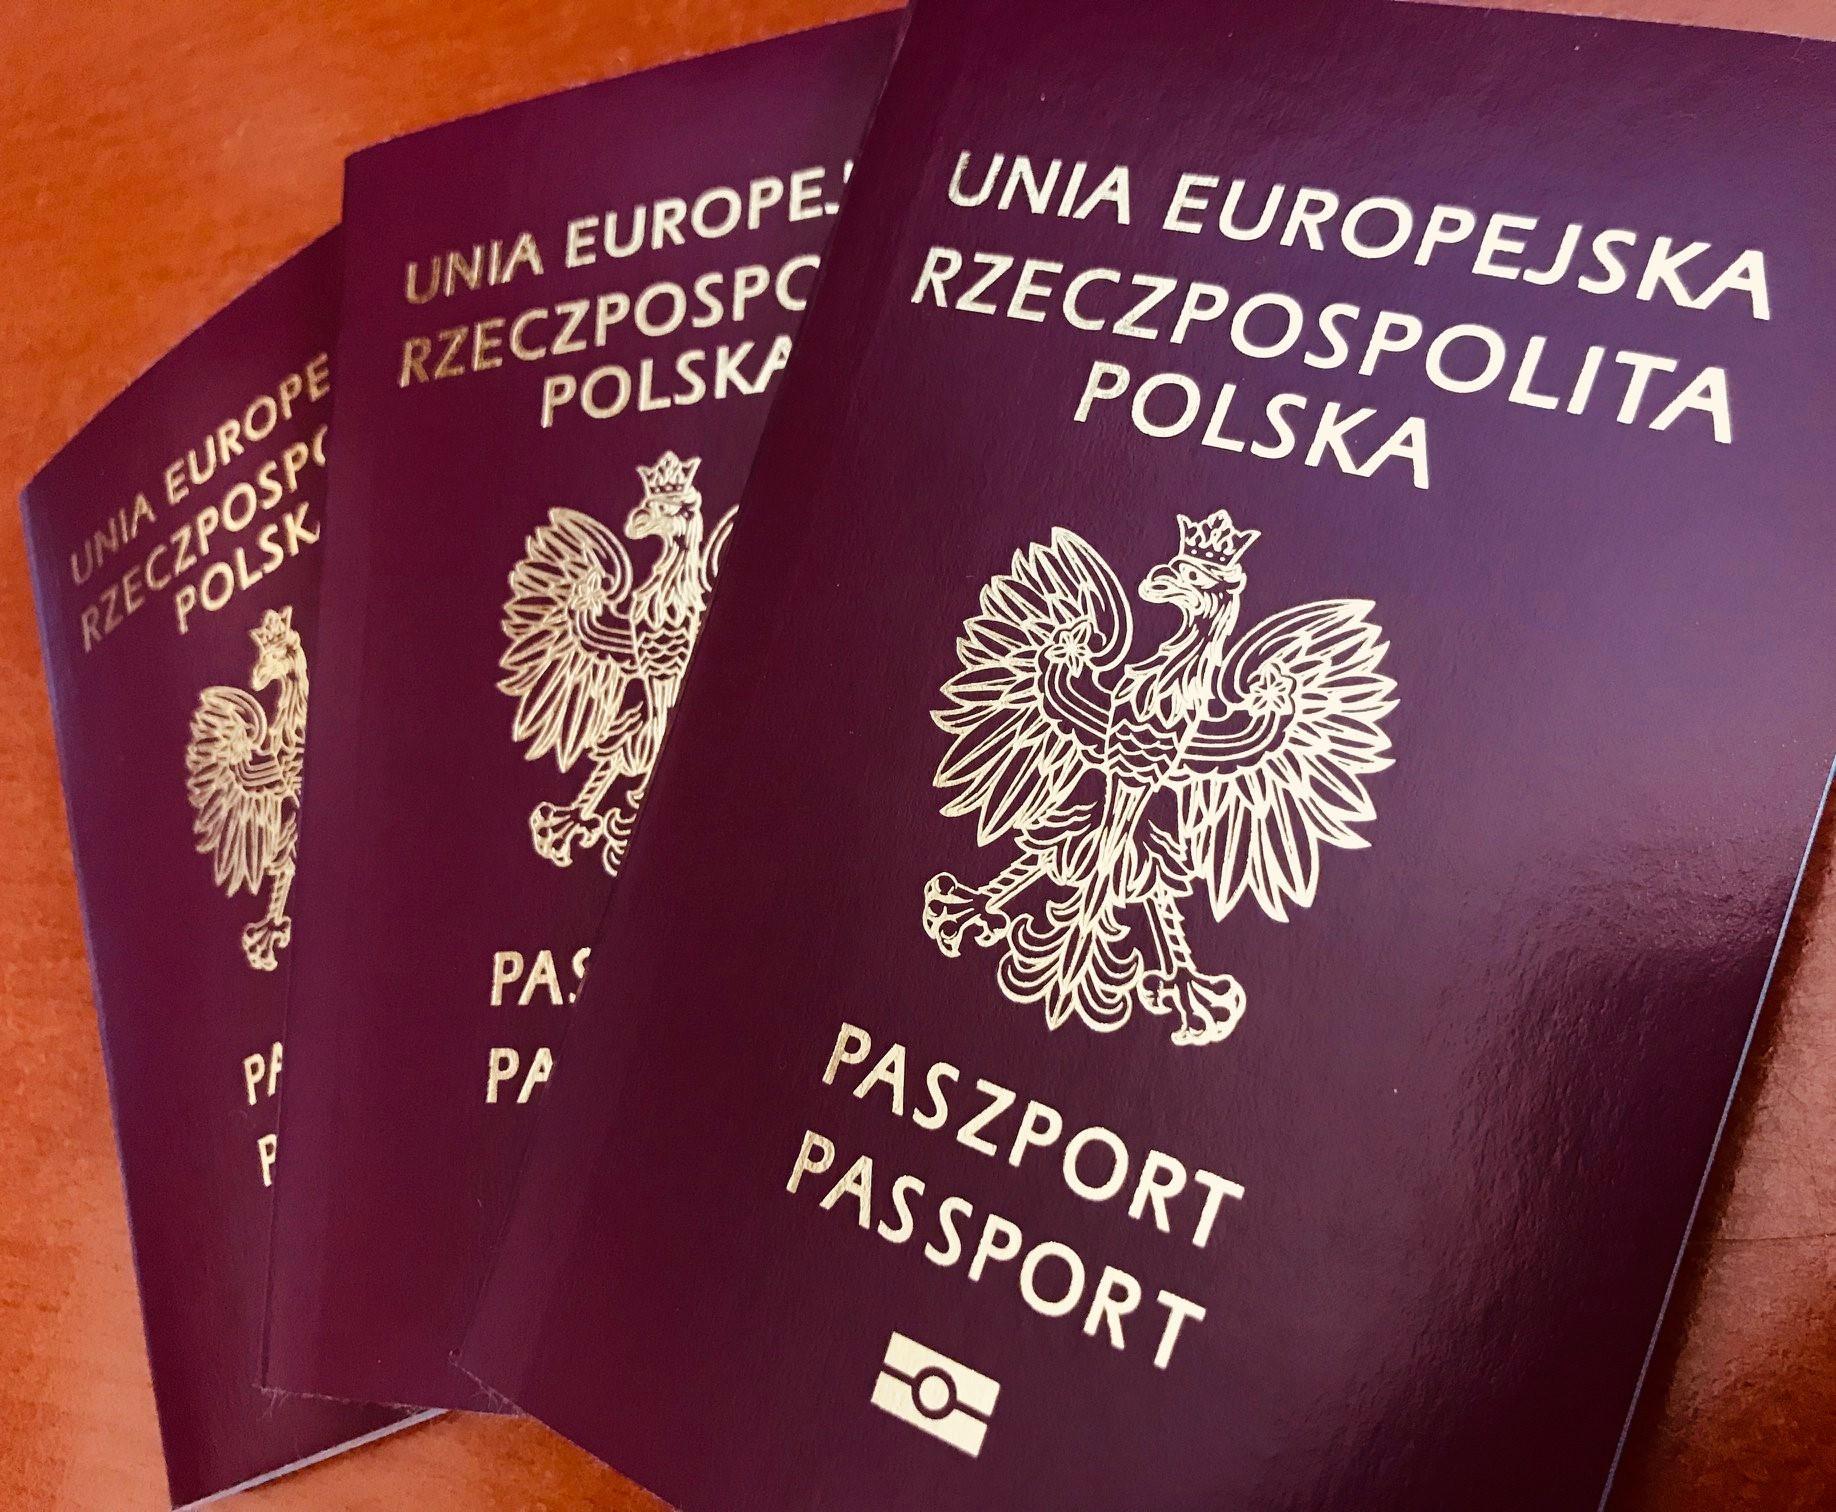 Dyżur konsularny w PSFCU w IL. Przyjmowanie wniosków na paszporty polskie w oddziale w Mount Prospect